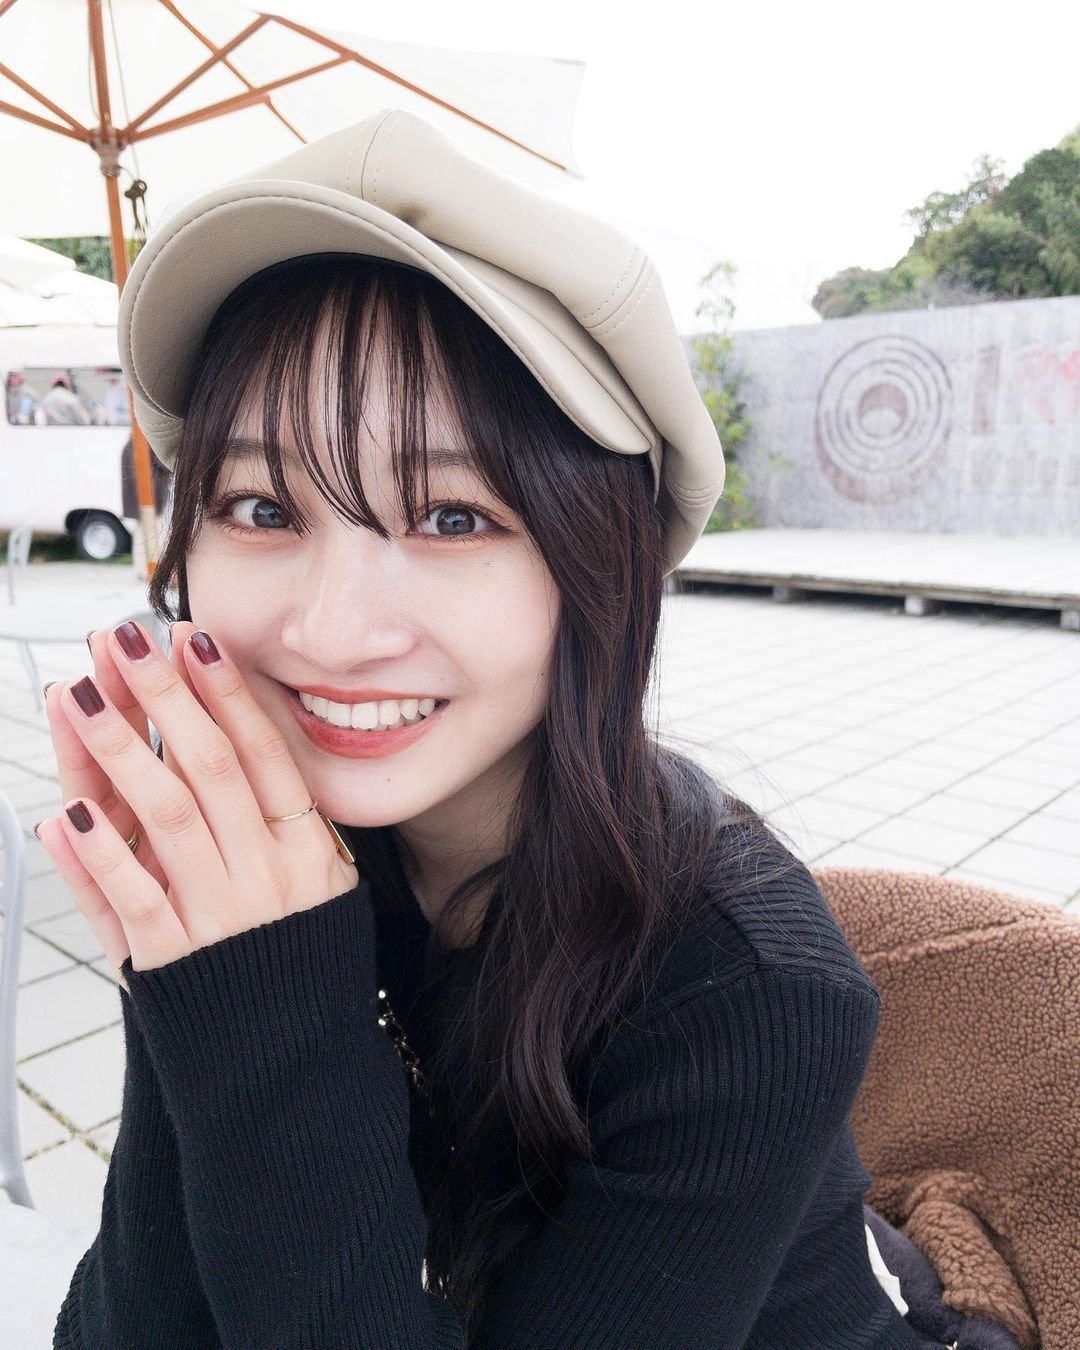 NMB48次世代王牌山本彩加引退转当护理师超暖原因让人更爱她了 网络美女 第10张